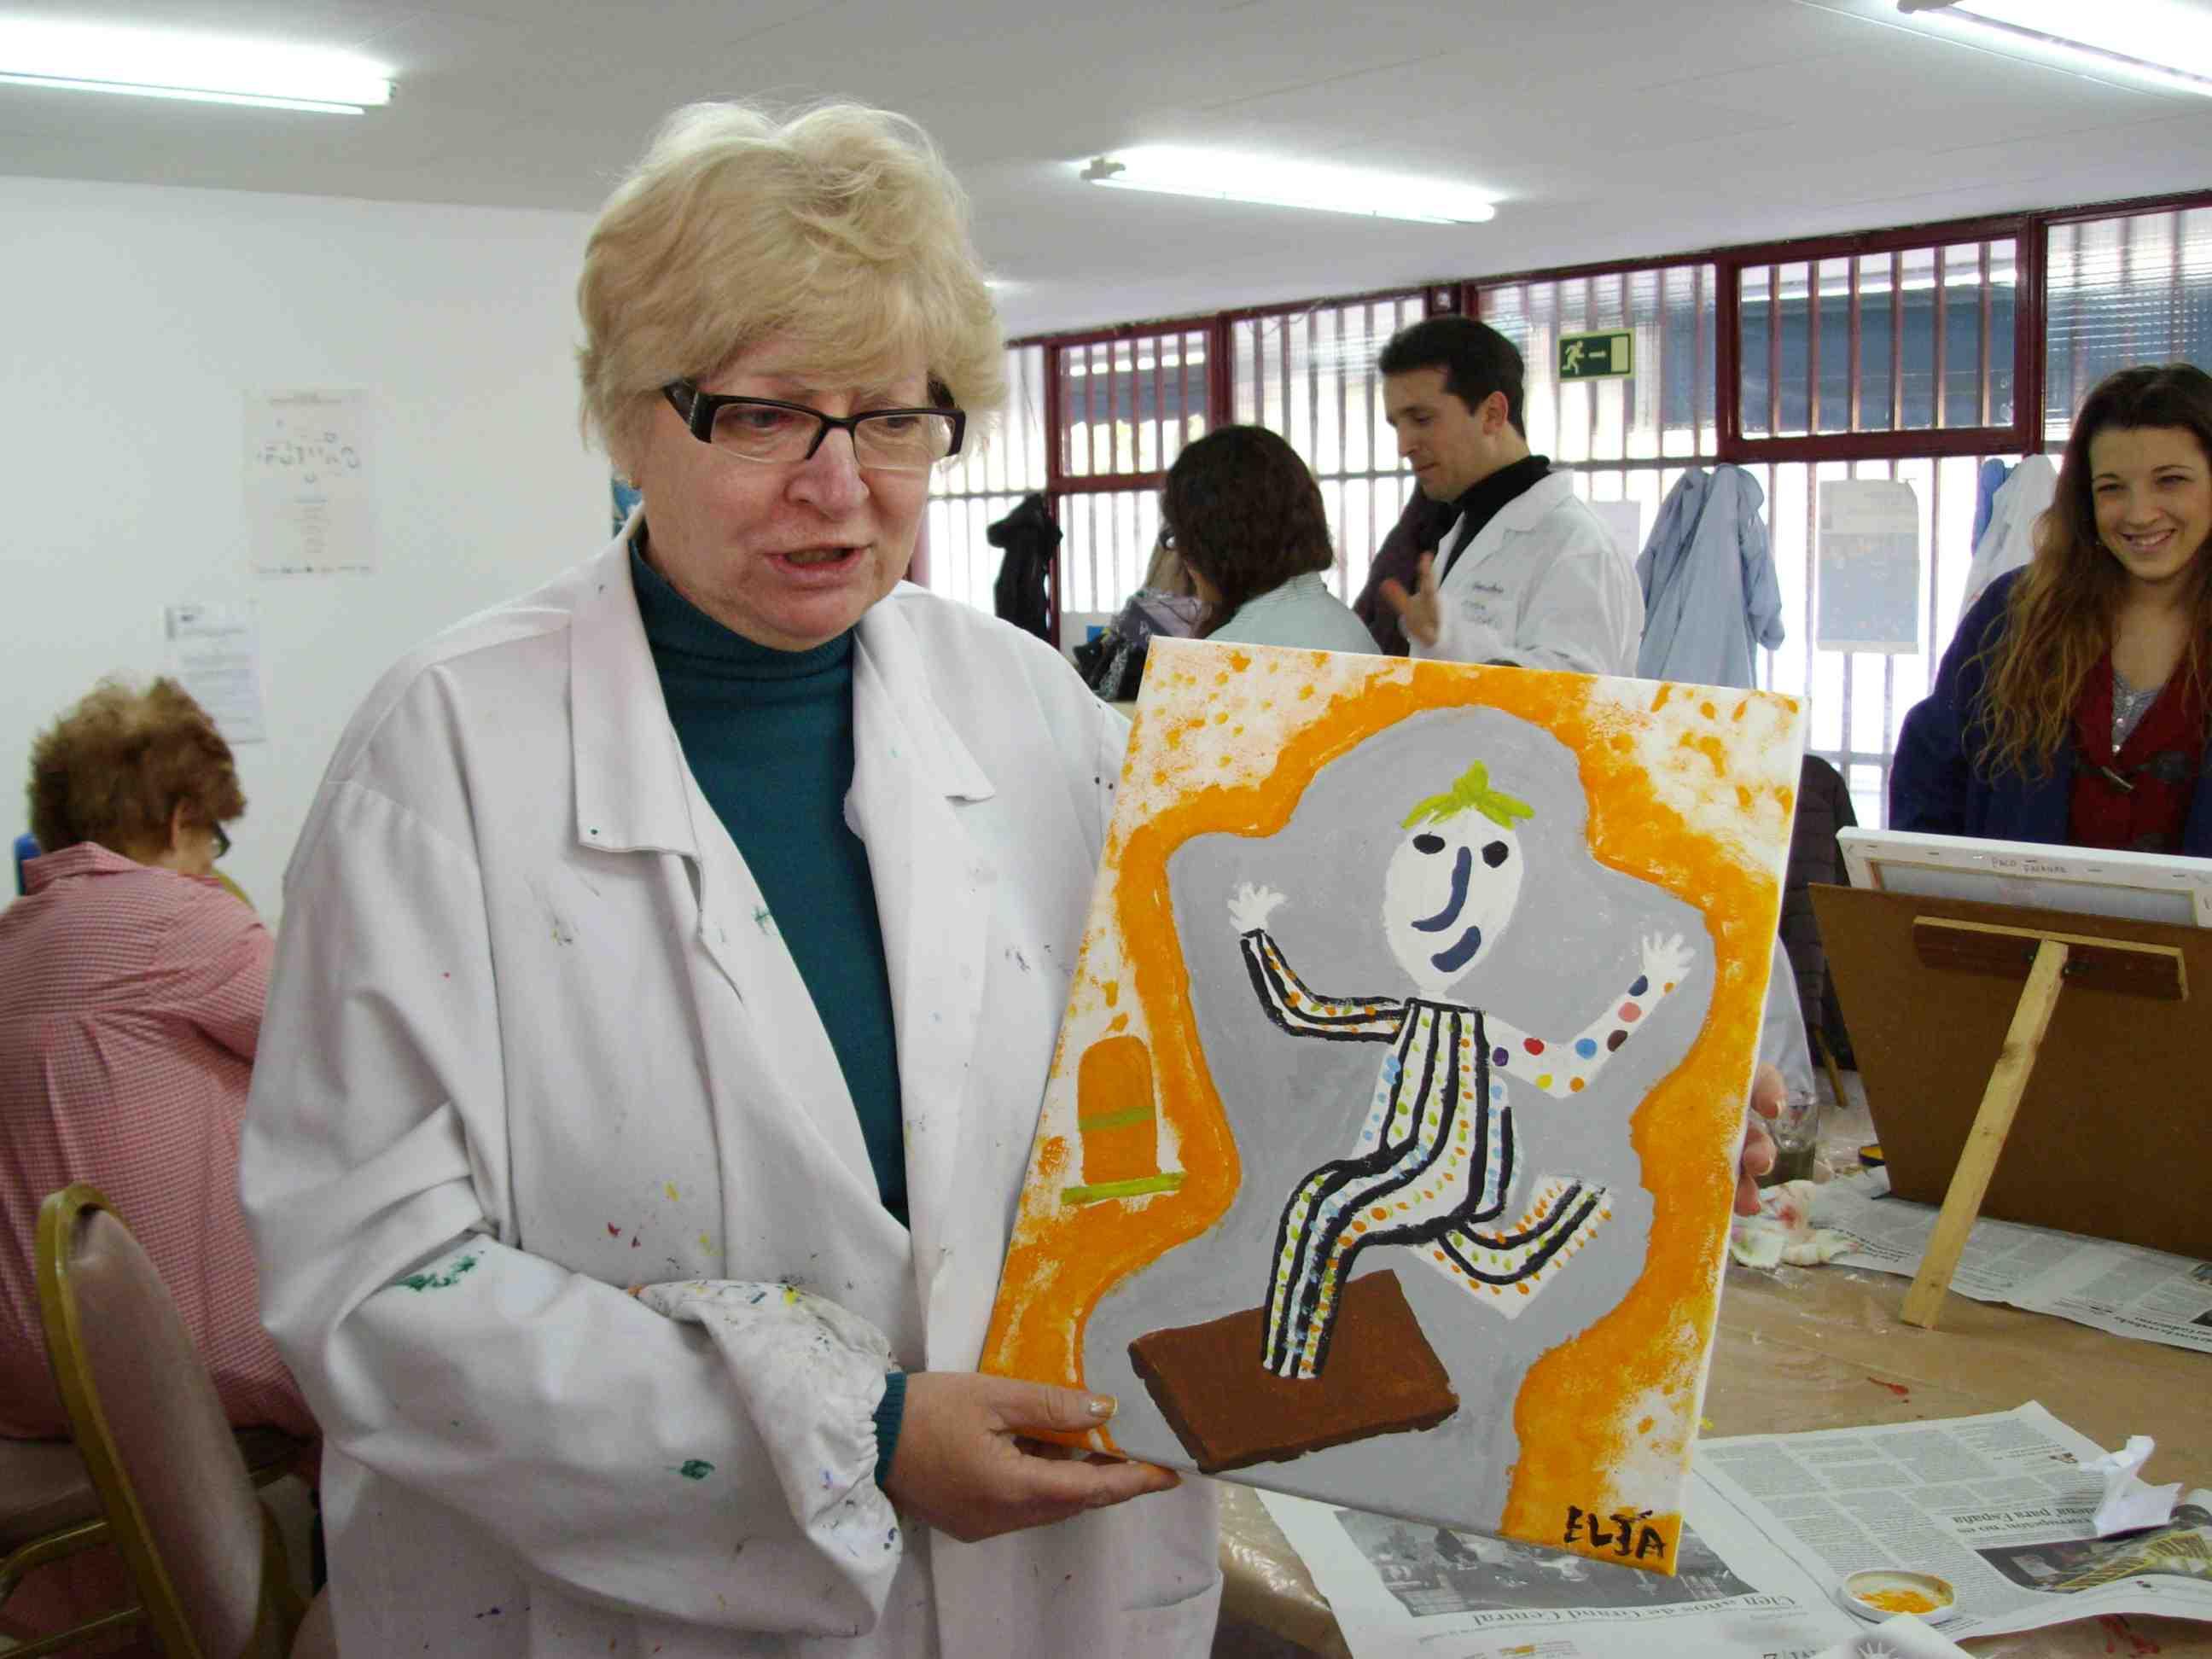 Una usuaria muestra su cuadro basado en una de las esculturas de Ripollés